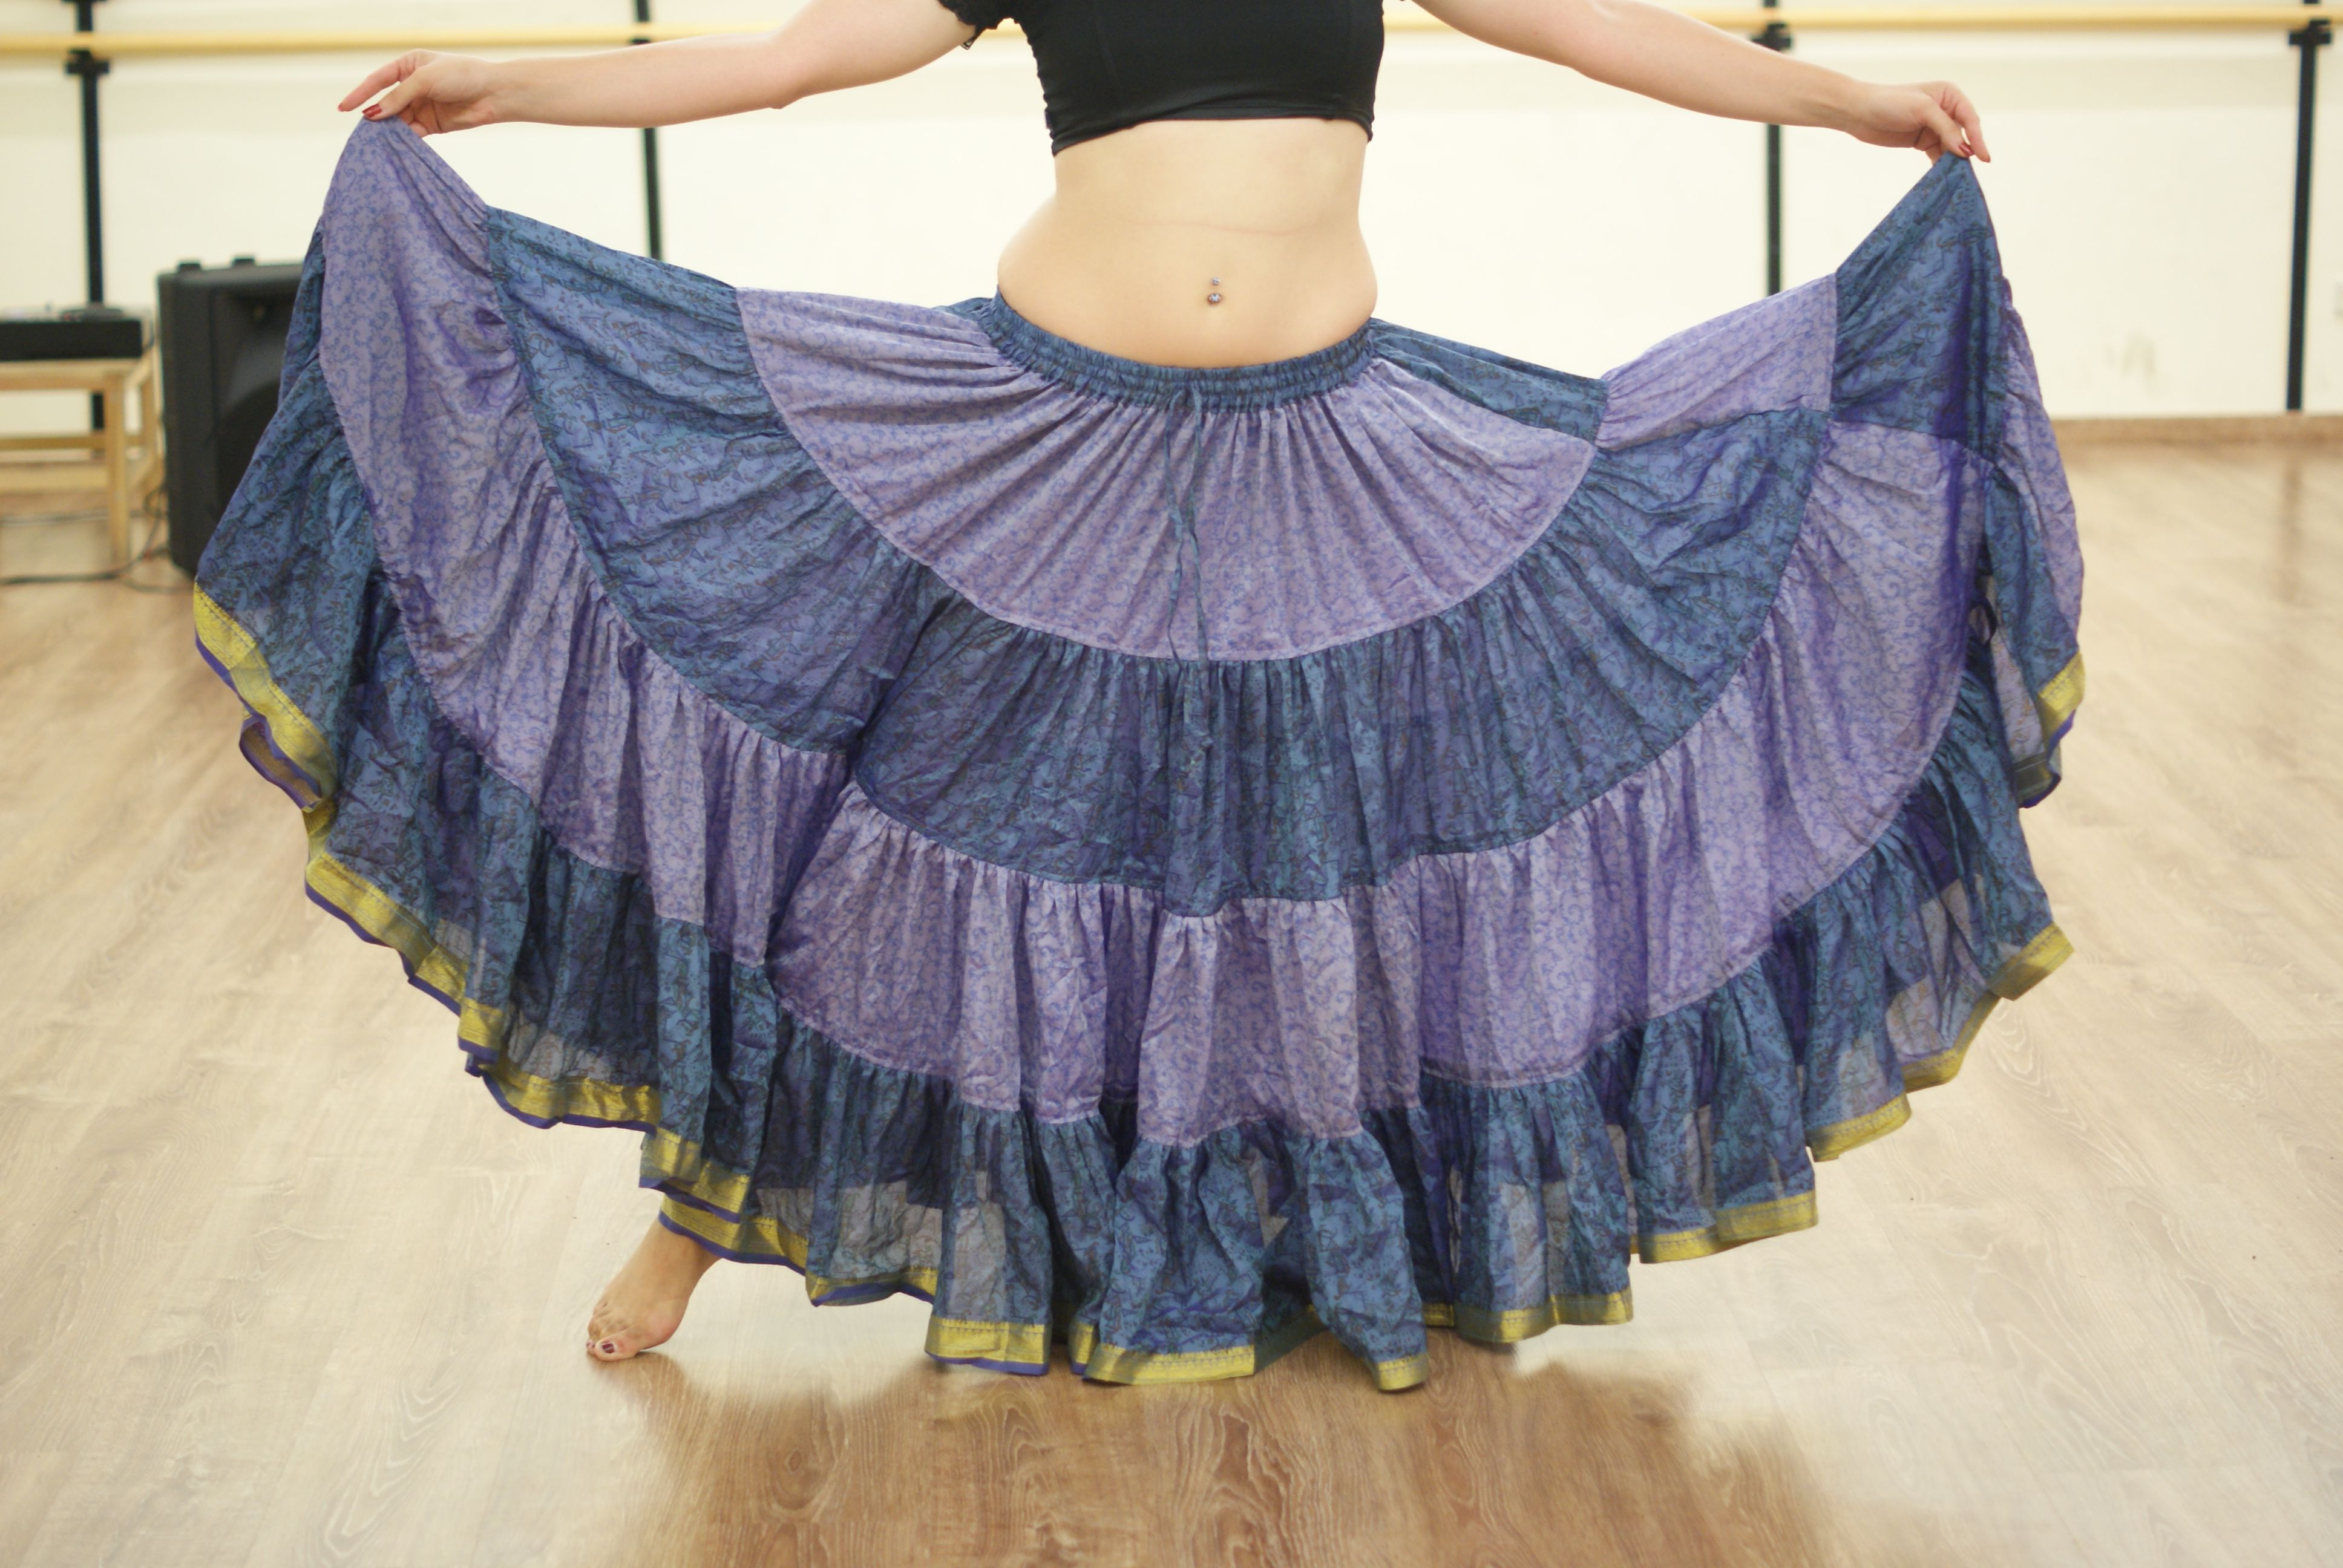 UNA Talla 34-44 Dancers World Ltd 1 Surtido Tribal 7 Yardas Gypsy Maxi con gradas Falda de Danza del Vientre Mezcla de Seda Banjara se Adapta a M L